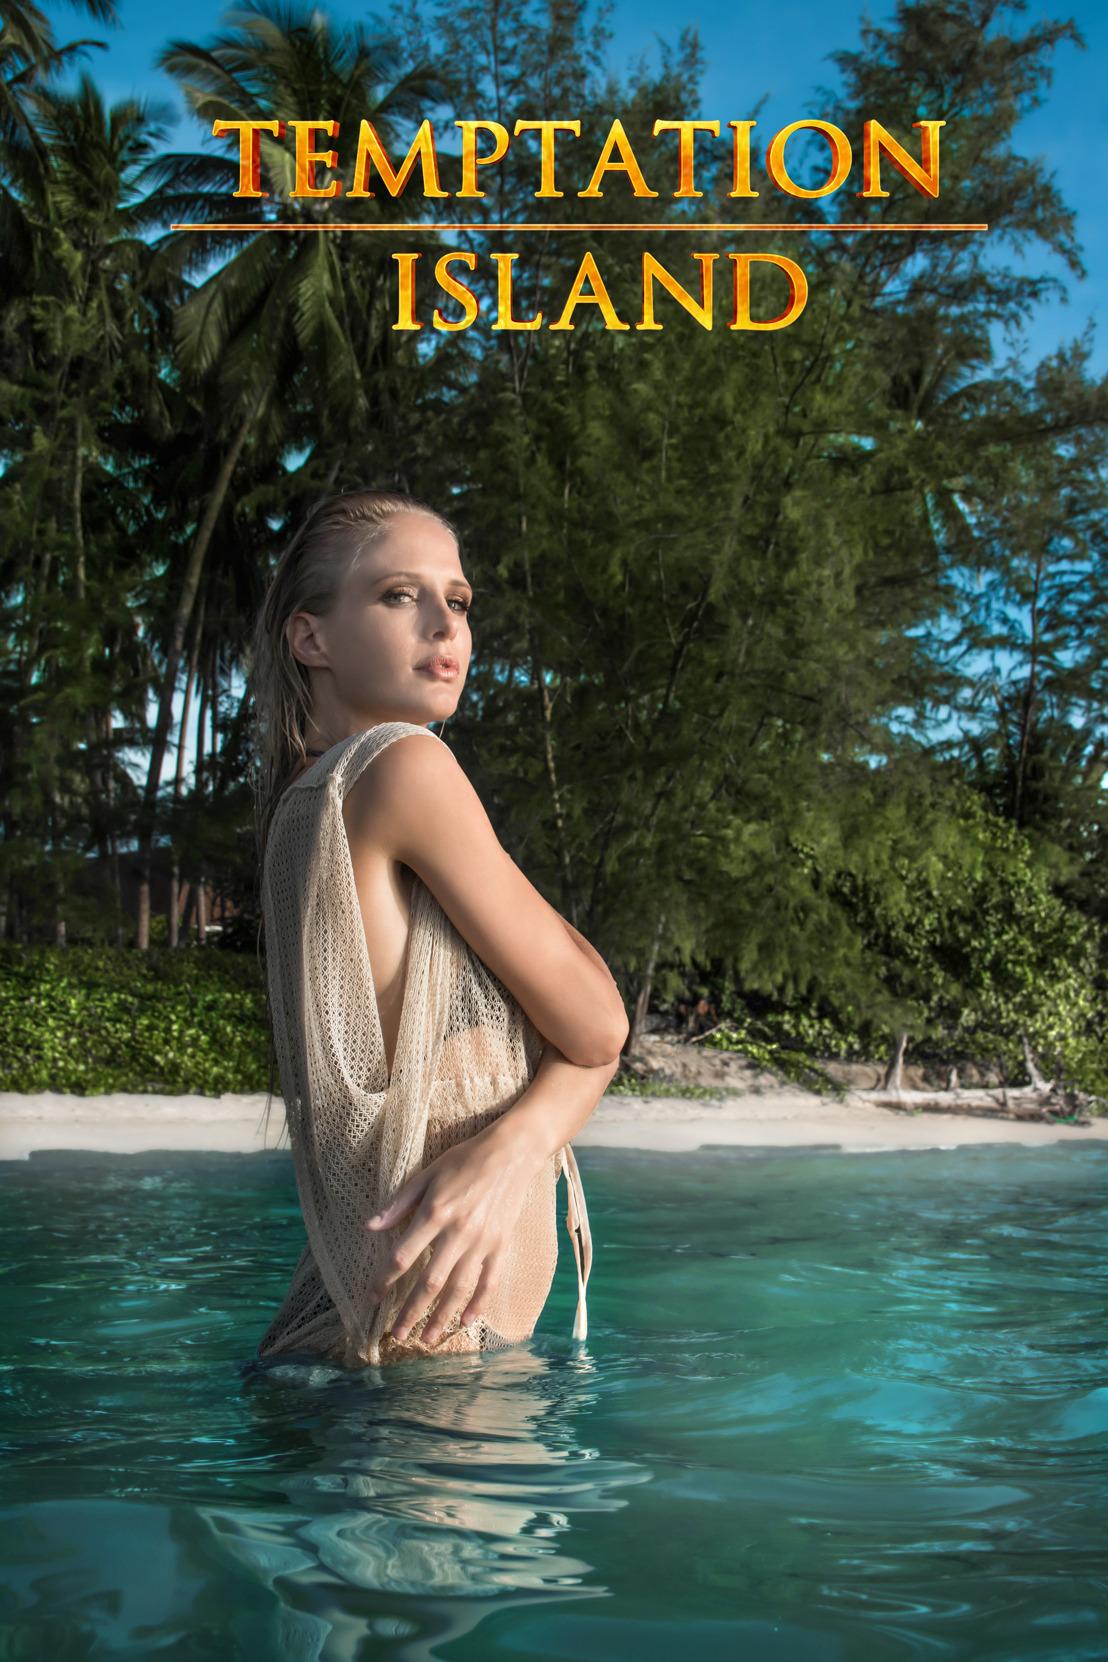 Start nieuwe seizoen Temptation Island meteen best bekeken aflevering ooit op VIJF